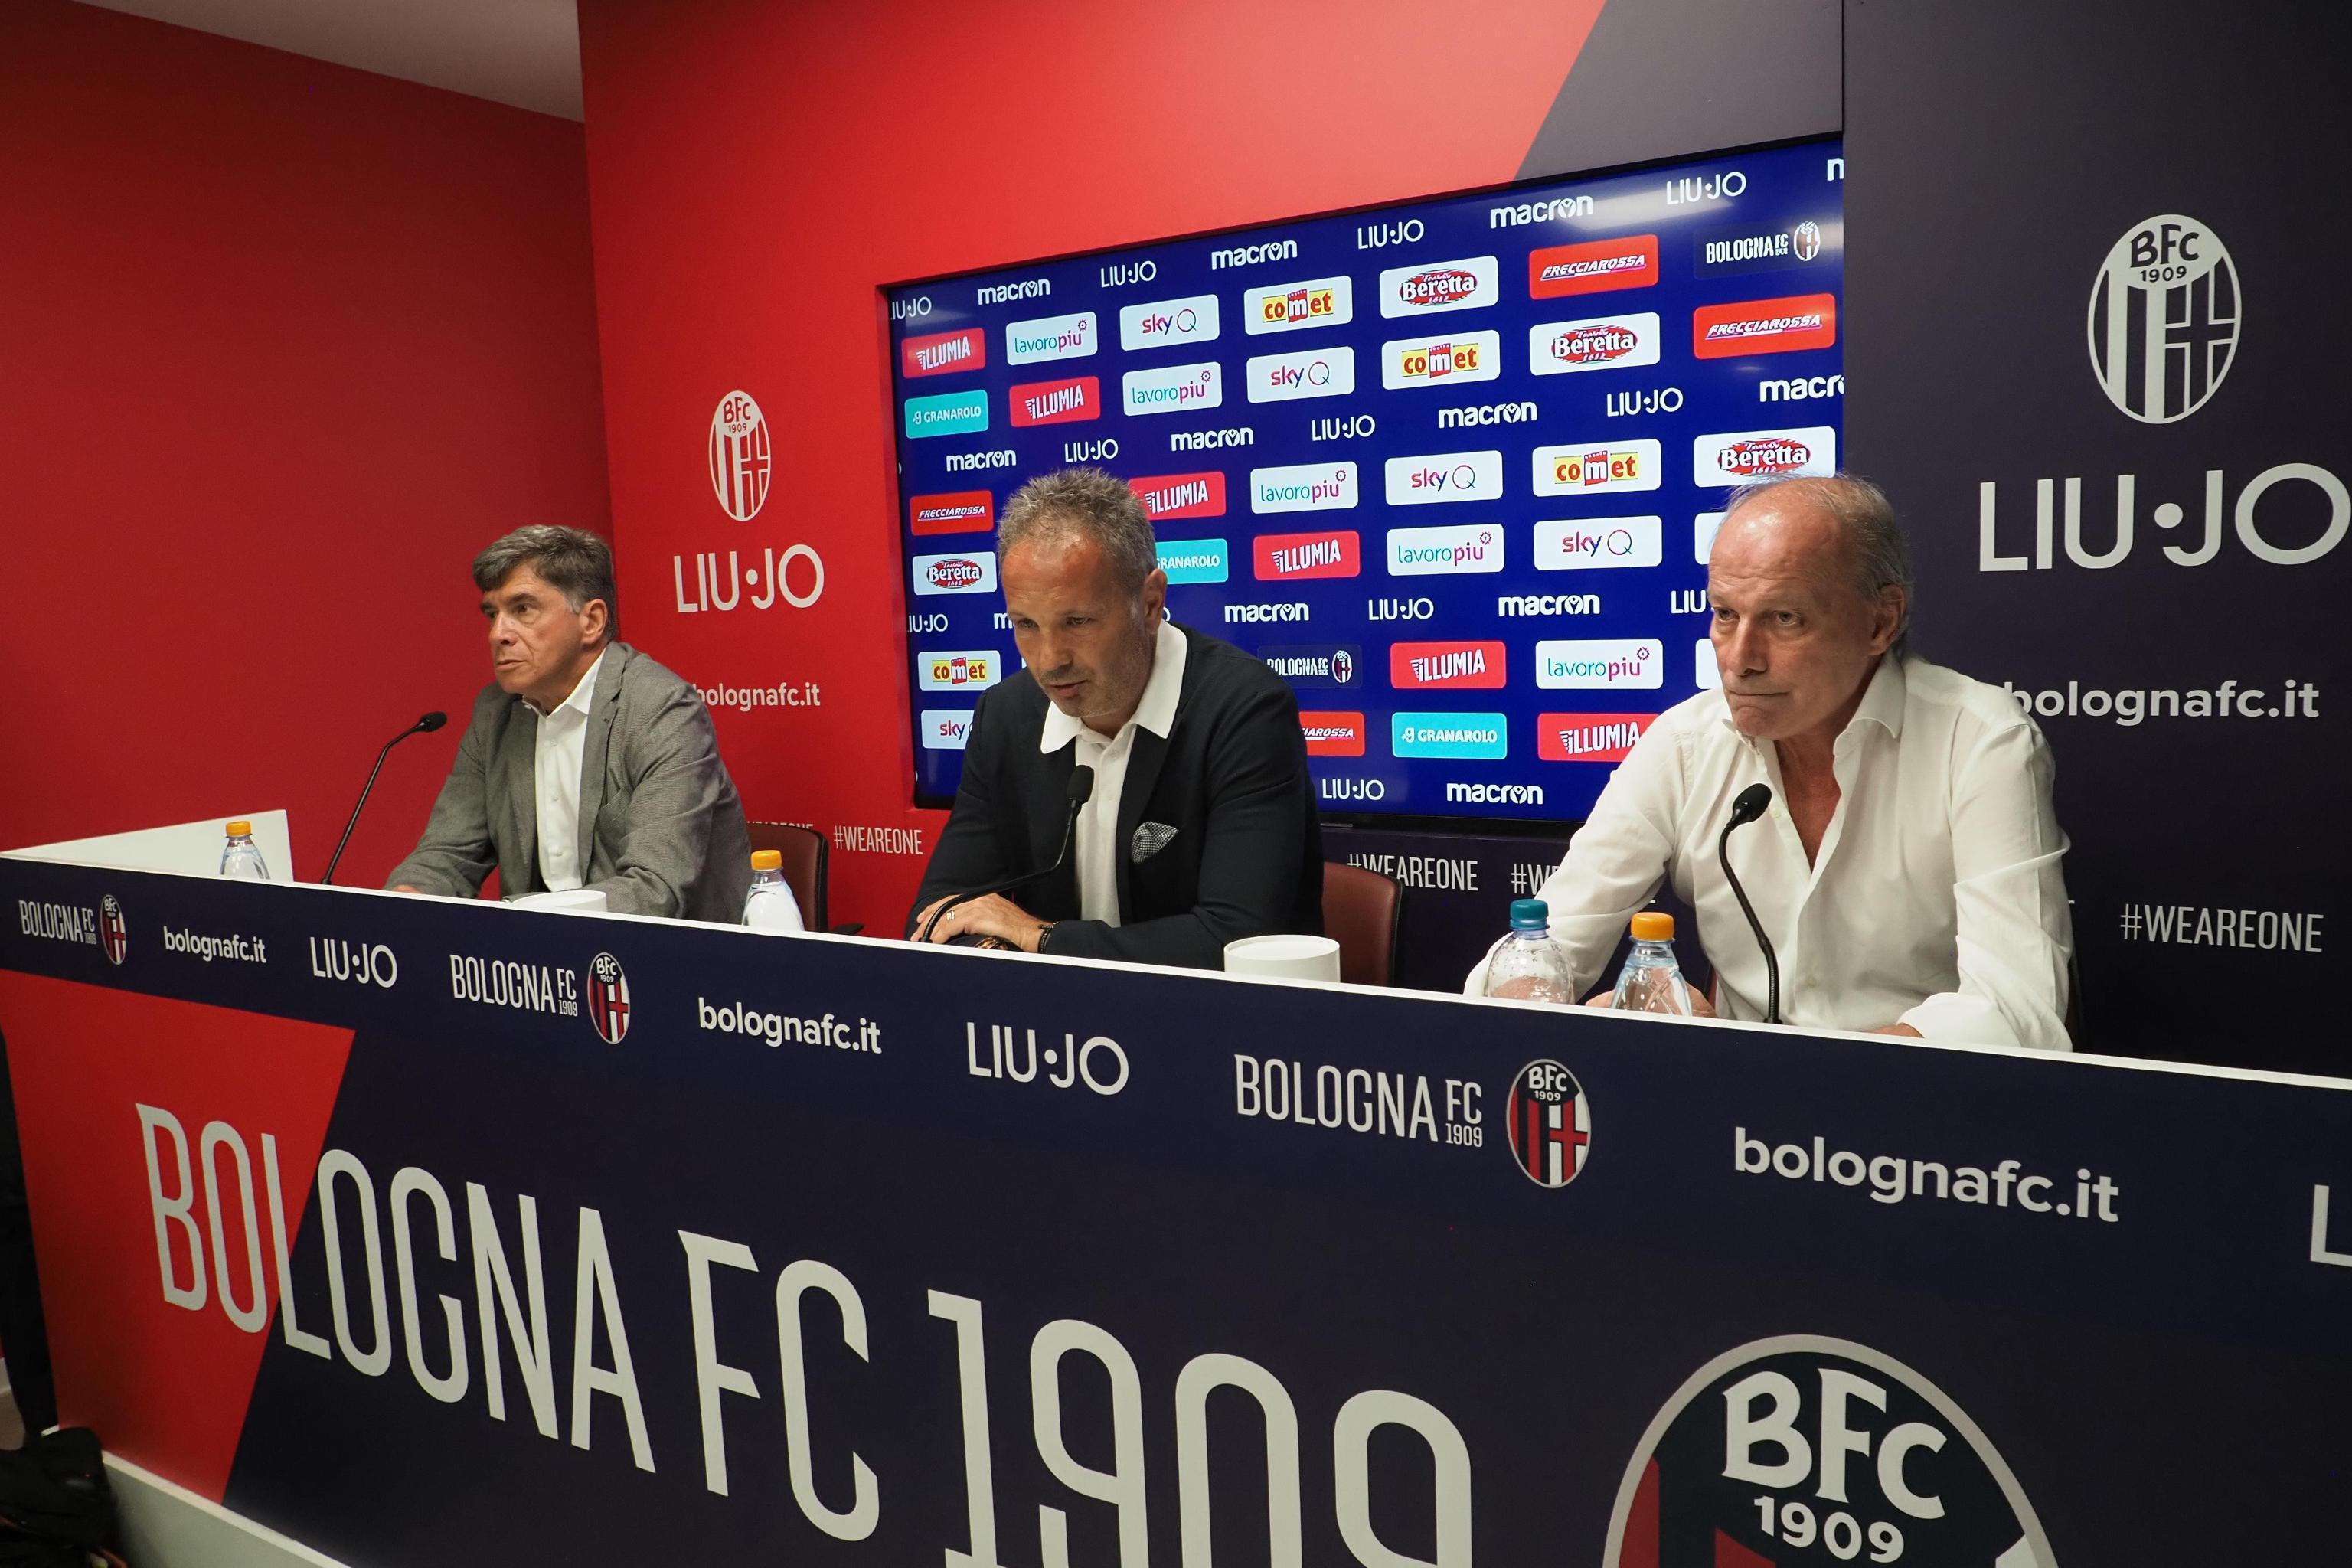 Sinisa Mihajlovic sabato ha annunciato di avere una leucemia acuta. L'allenatore del Bologna, molto emozionato davanti ai giornalisti, ha dimostrato d...